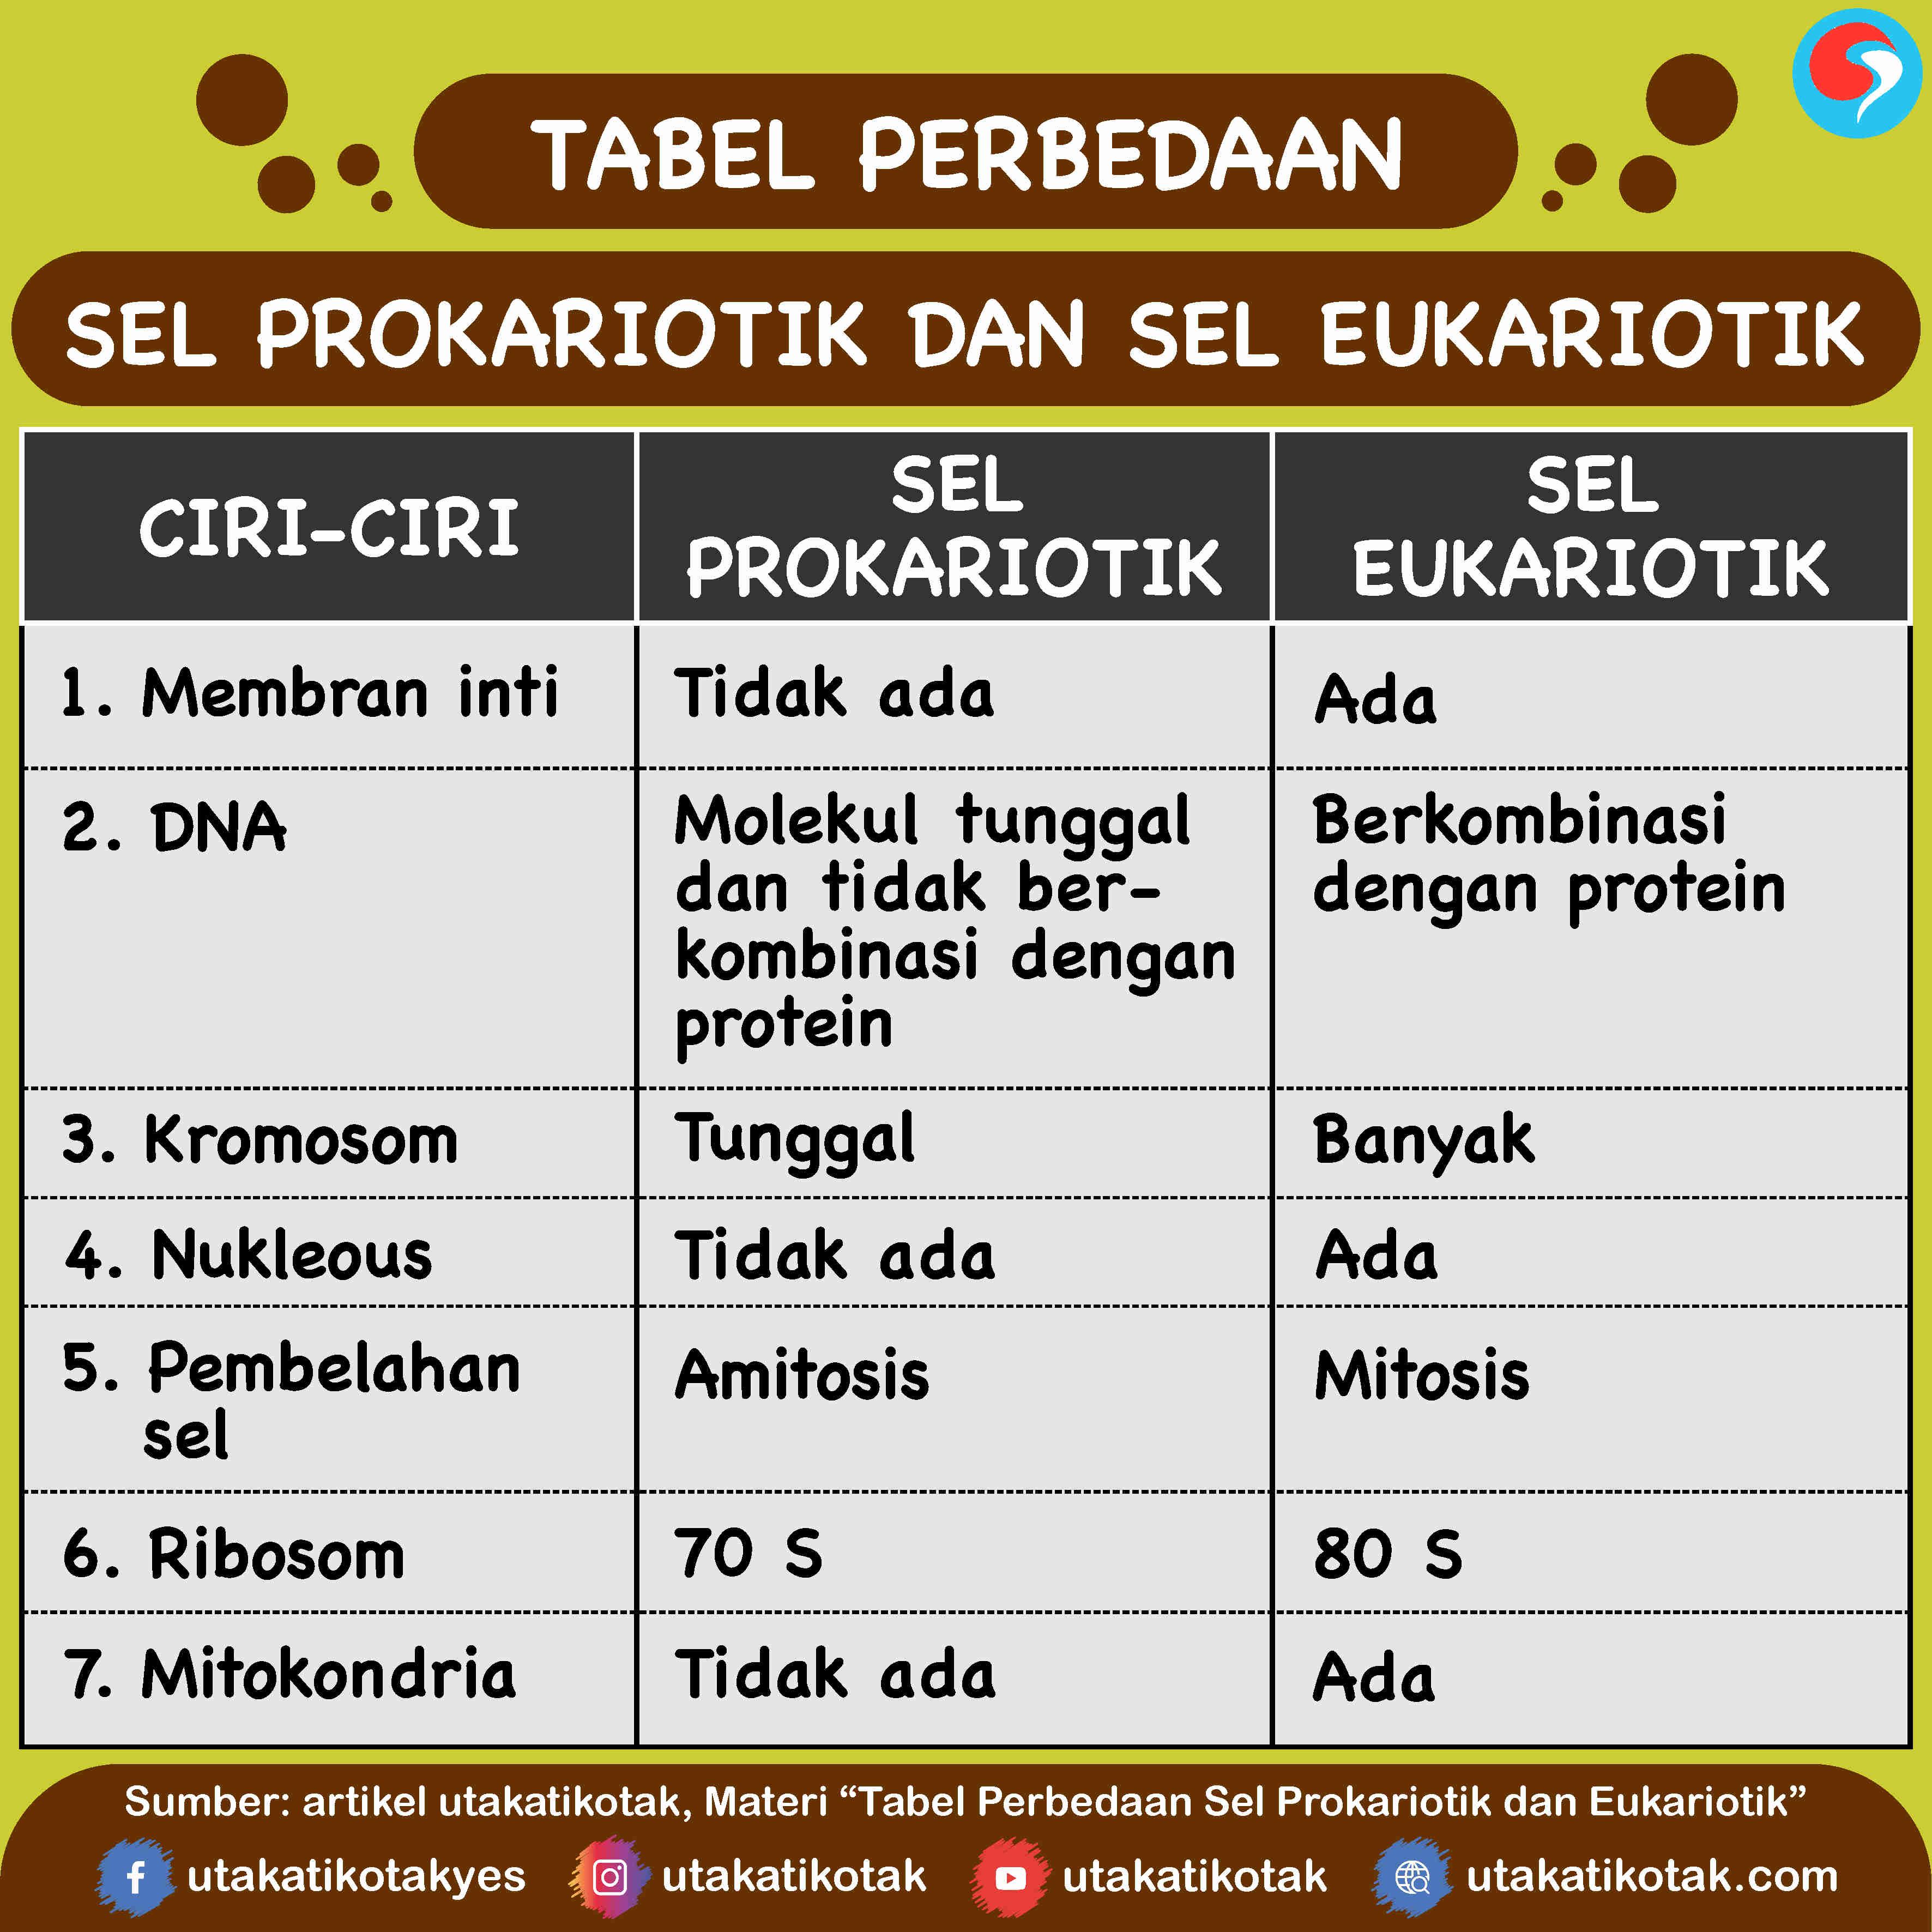 Tabel Perbedaan Sel Prokariotik Dan Eukariotik